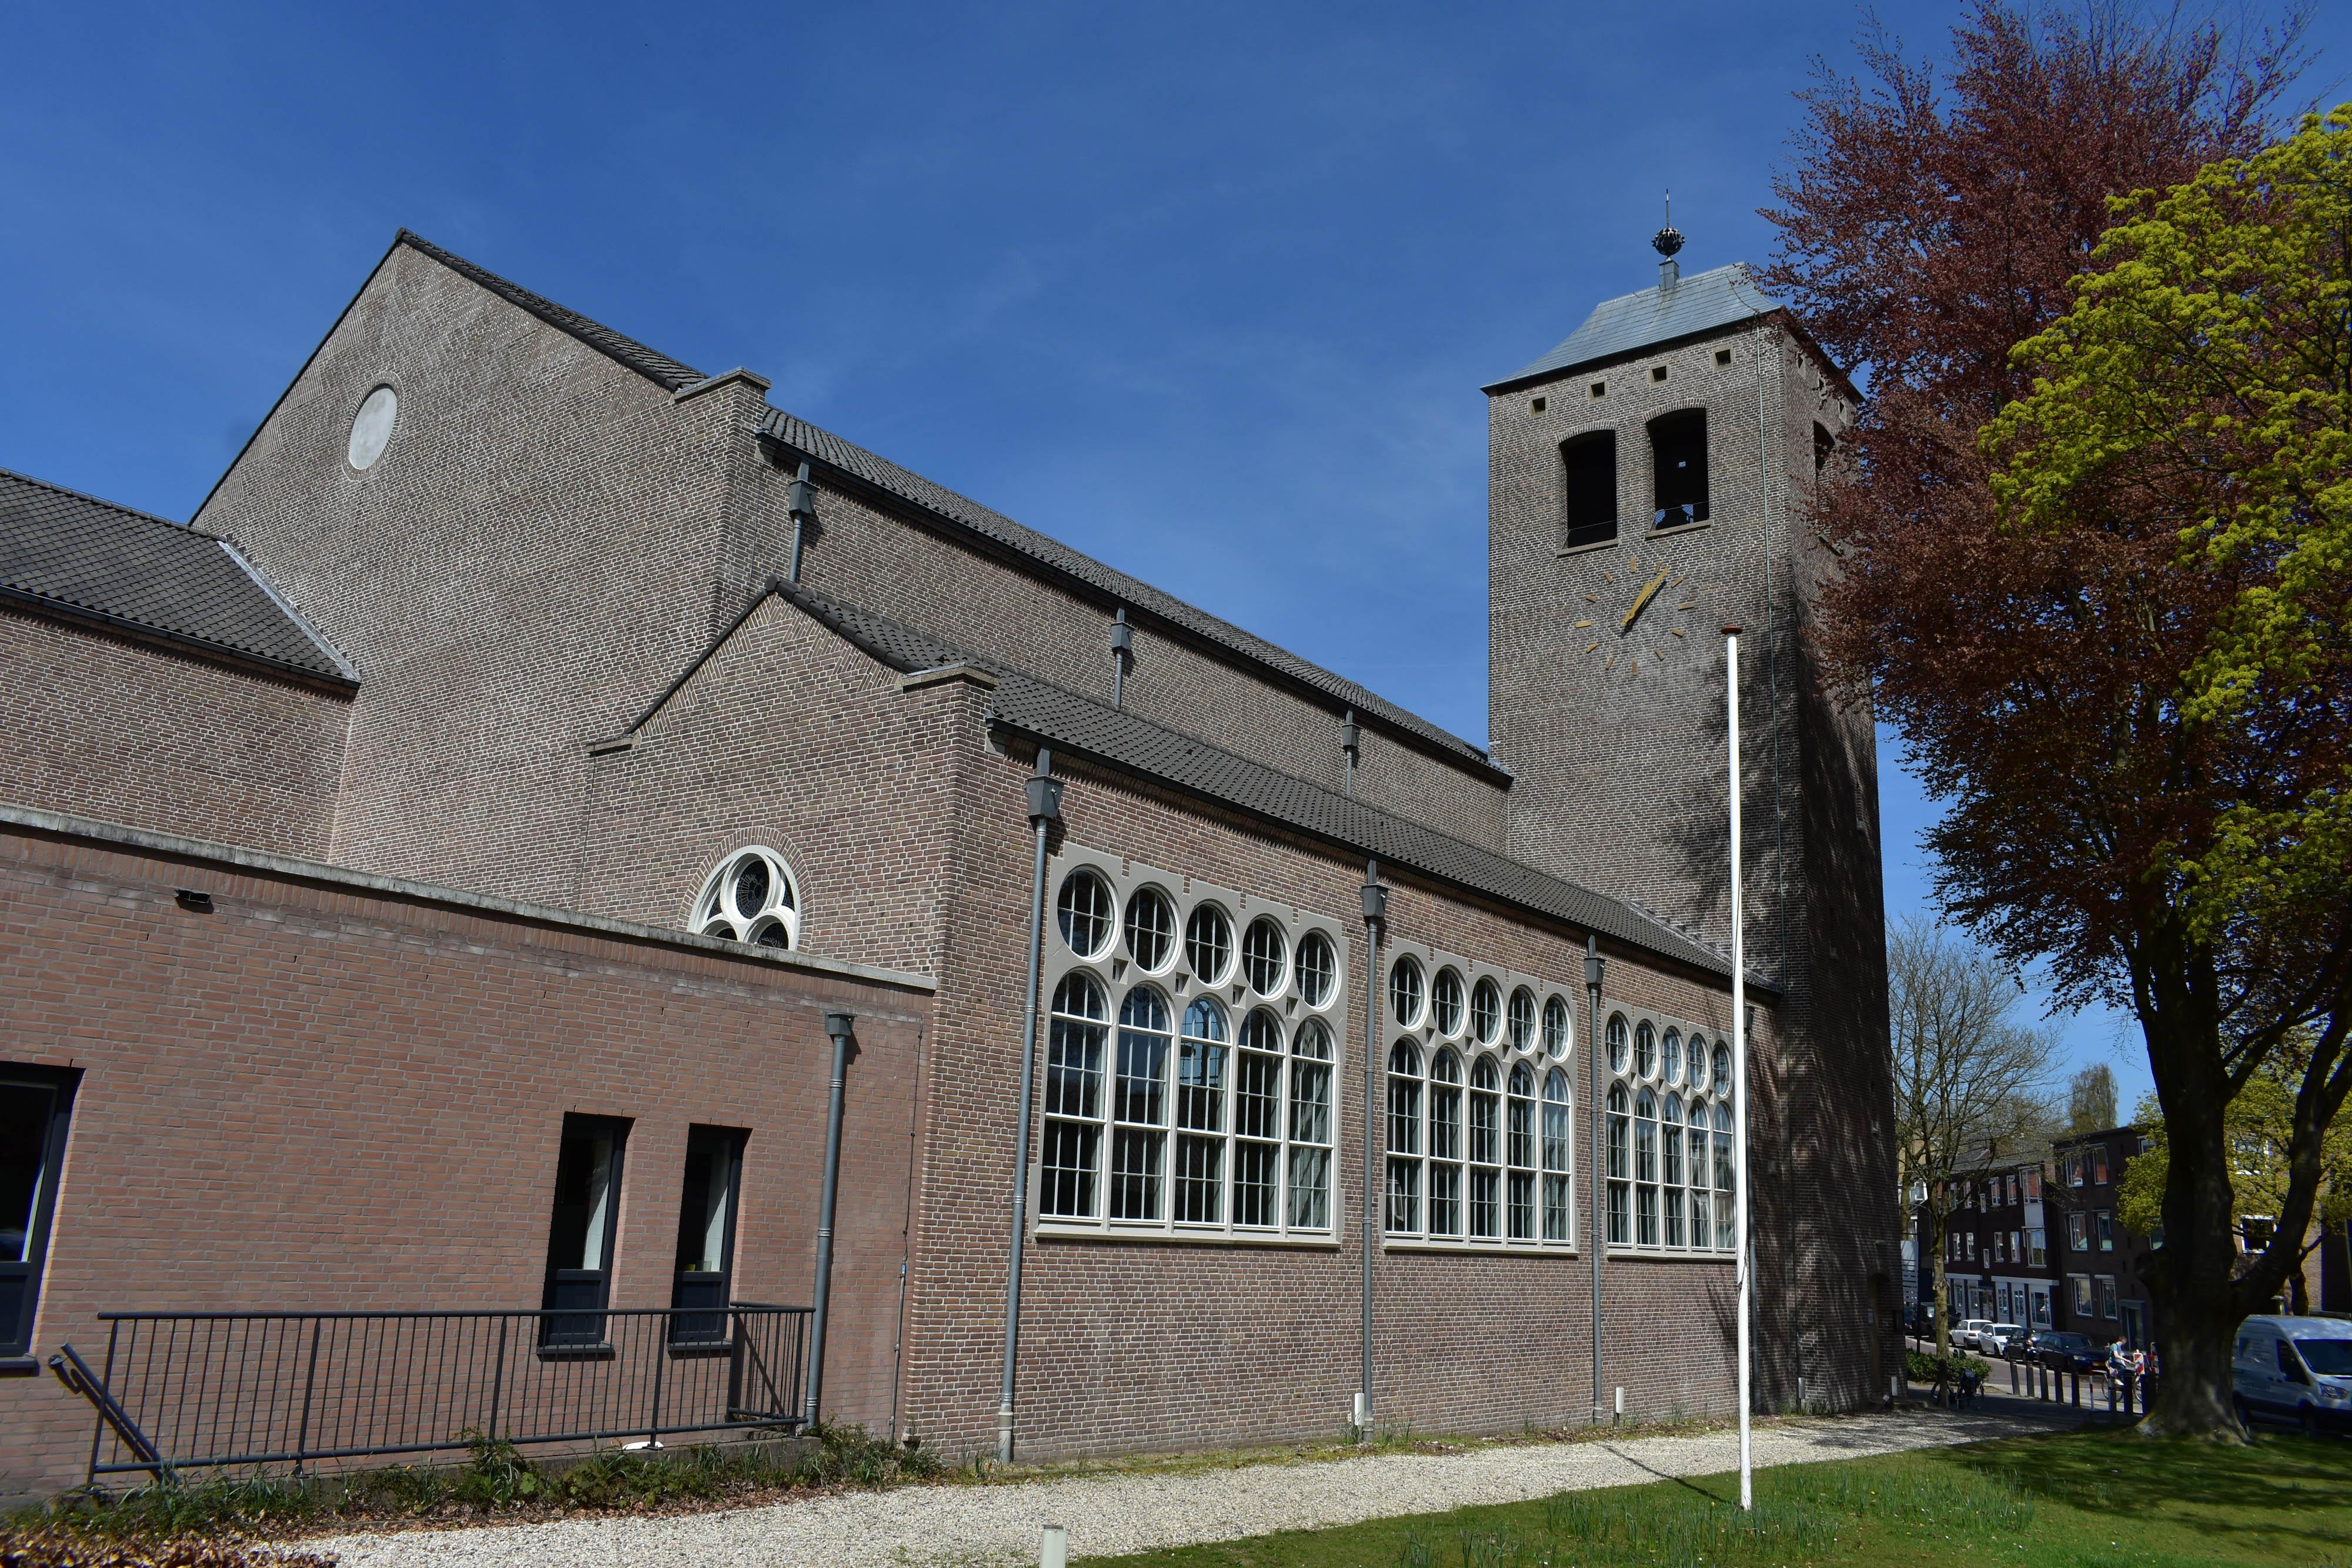 Vredebergkerk